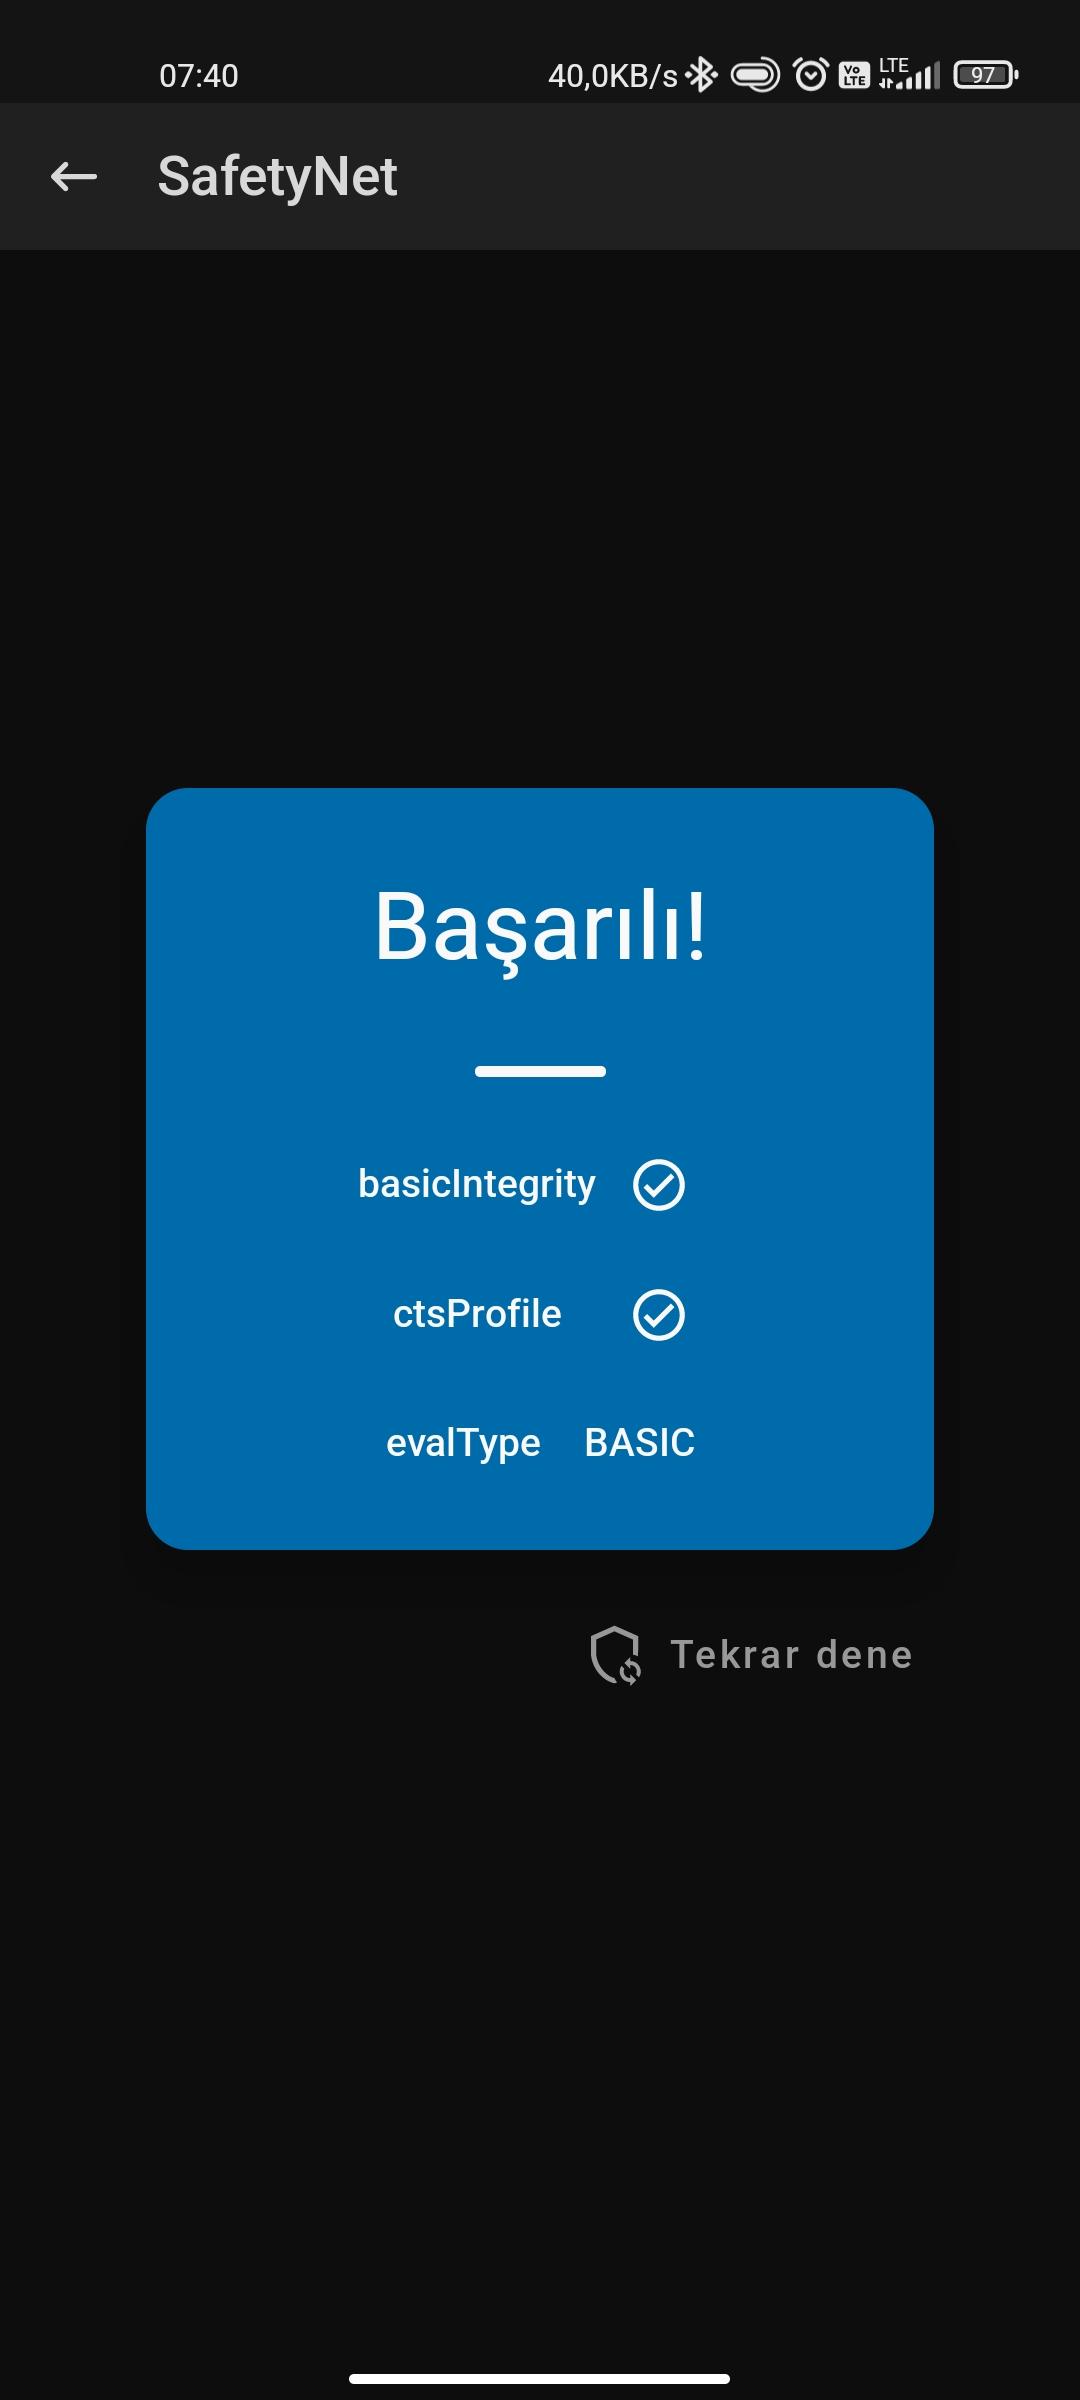 Screenshot_2021-03-03-07-40-21-892_p.ok.yh.mp.jpg